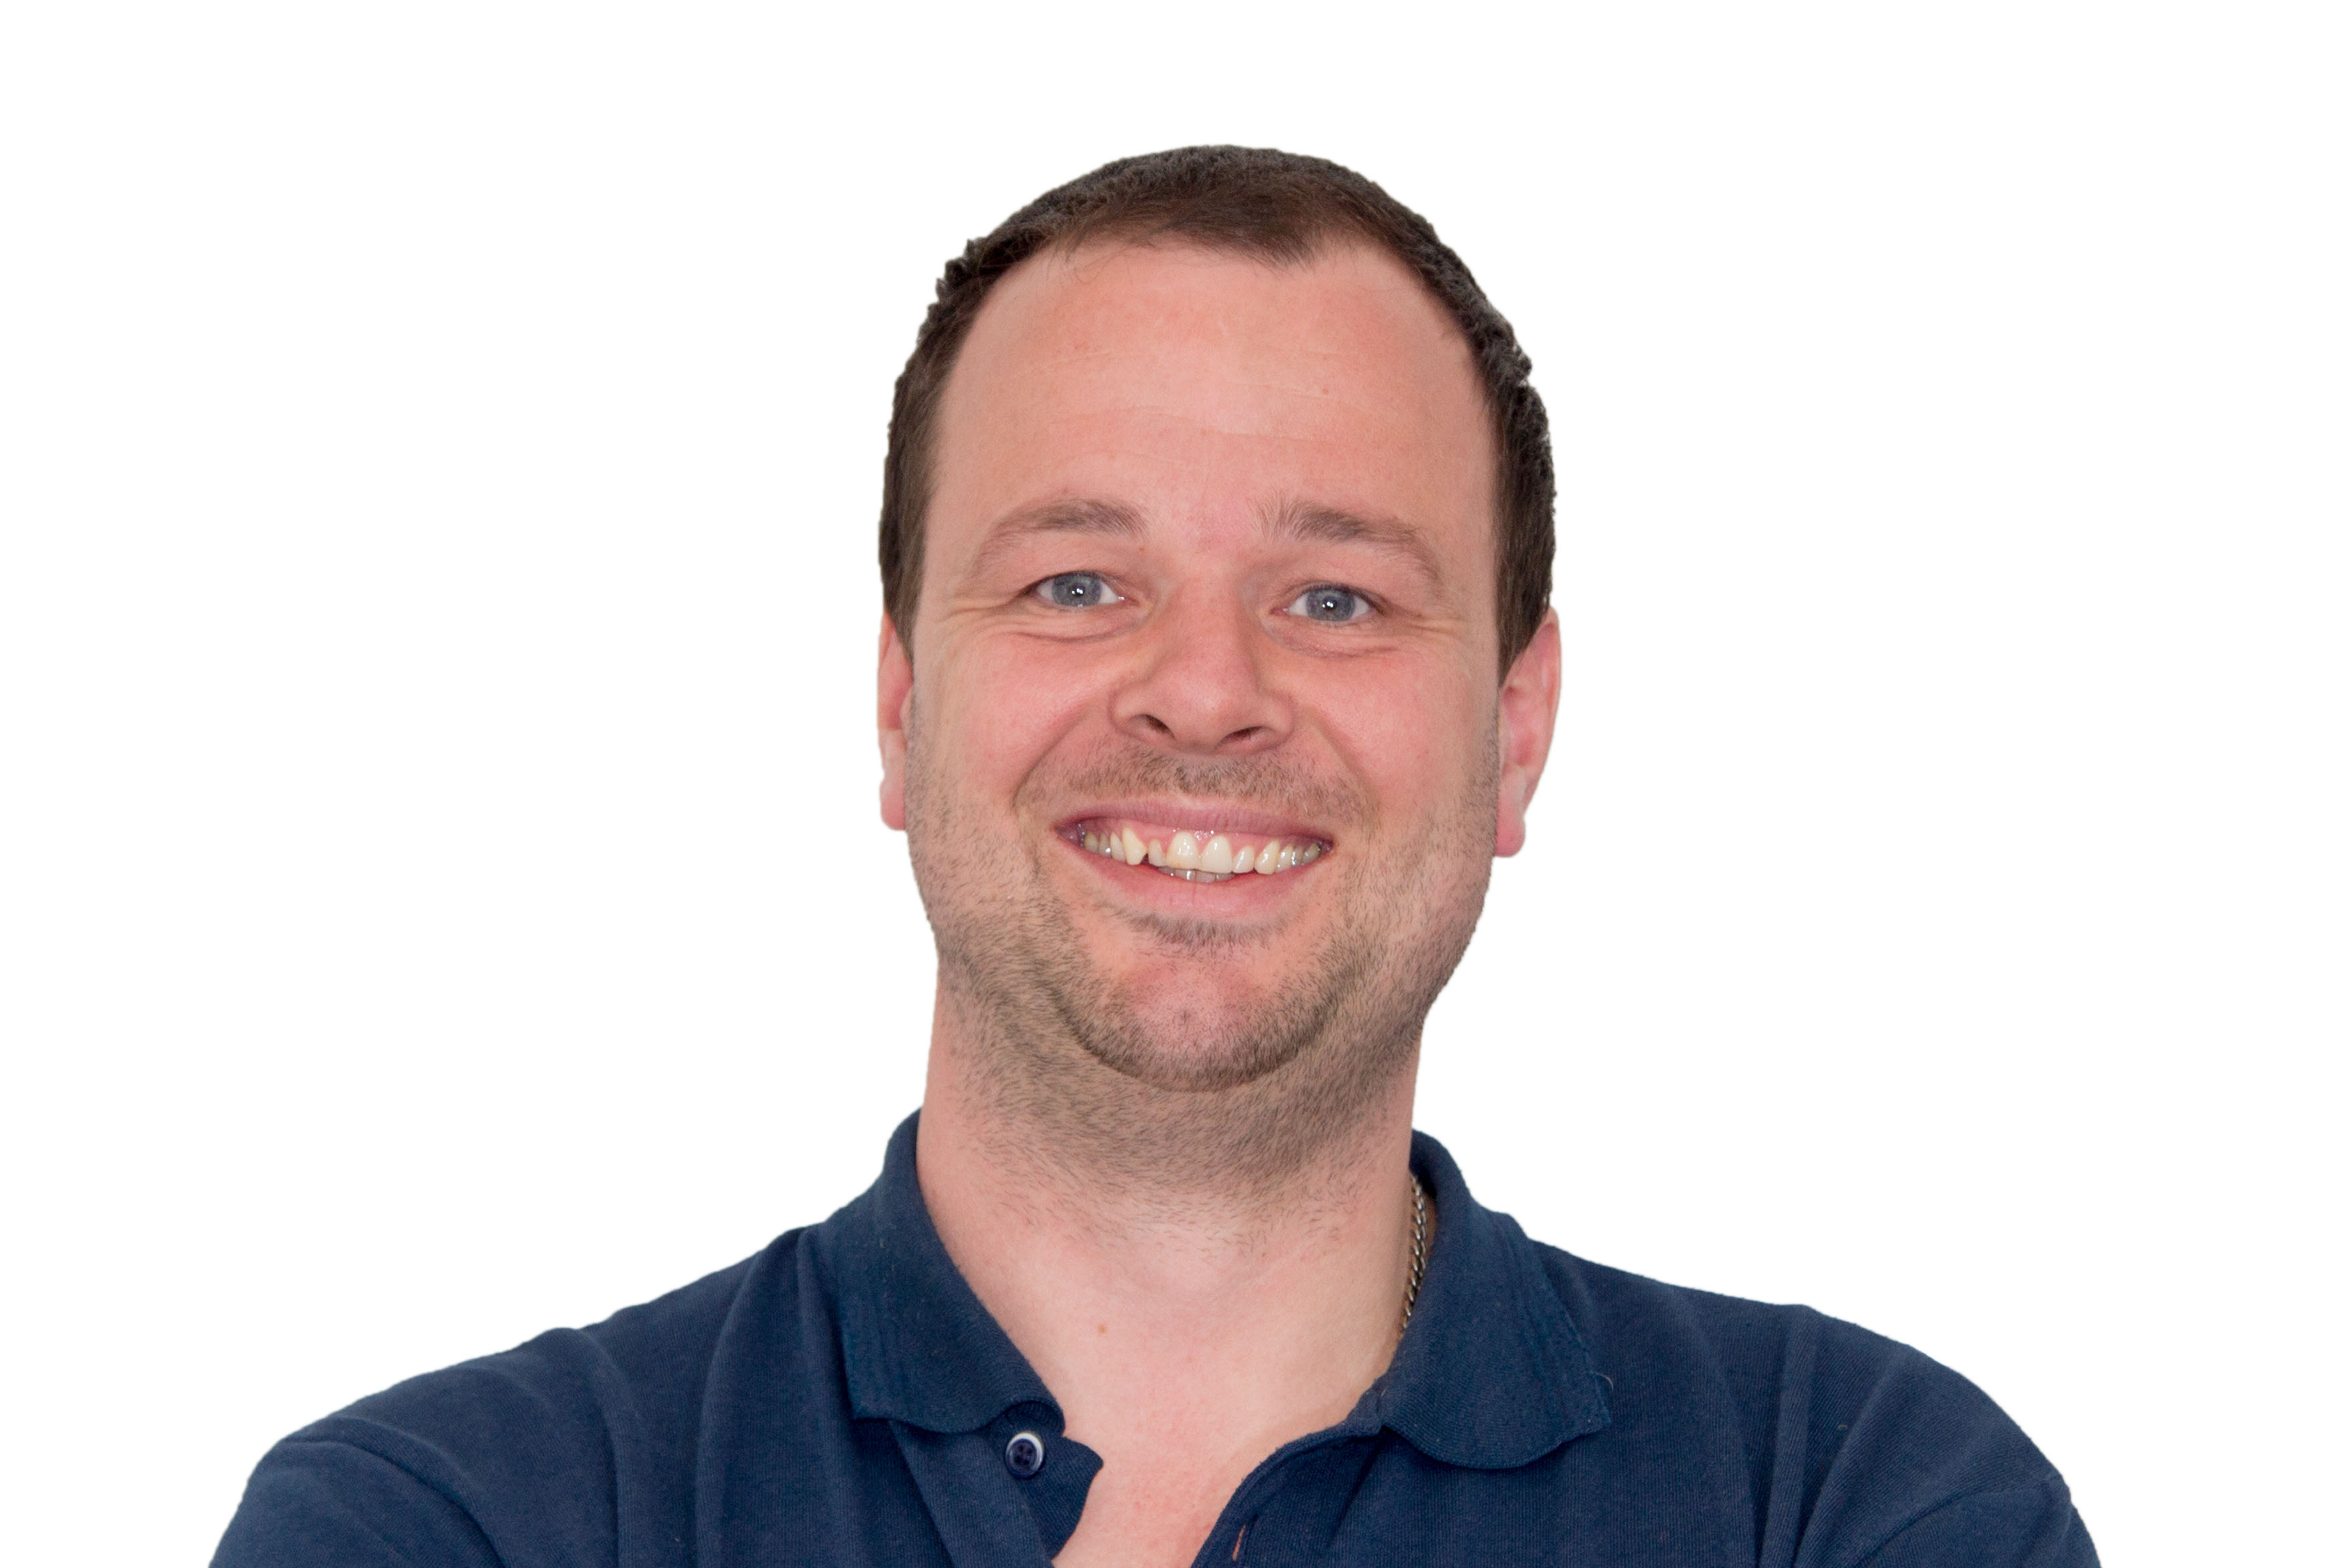 Arjan Verweij